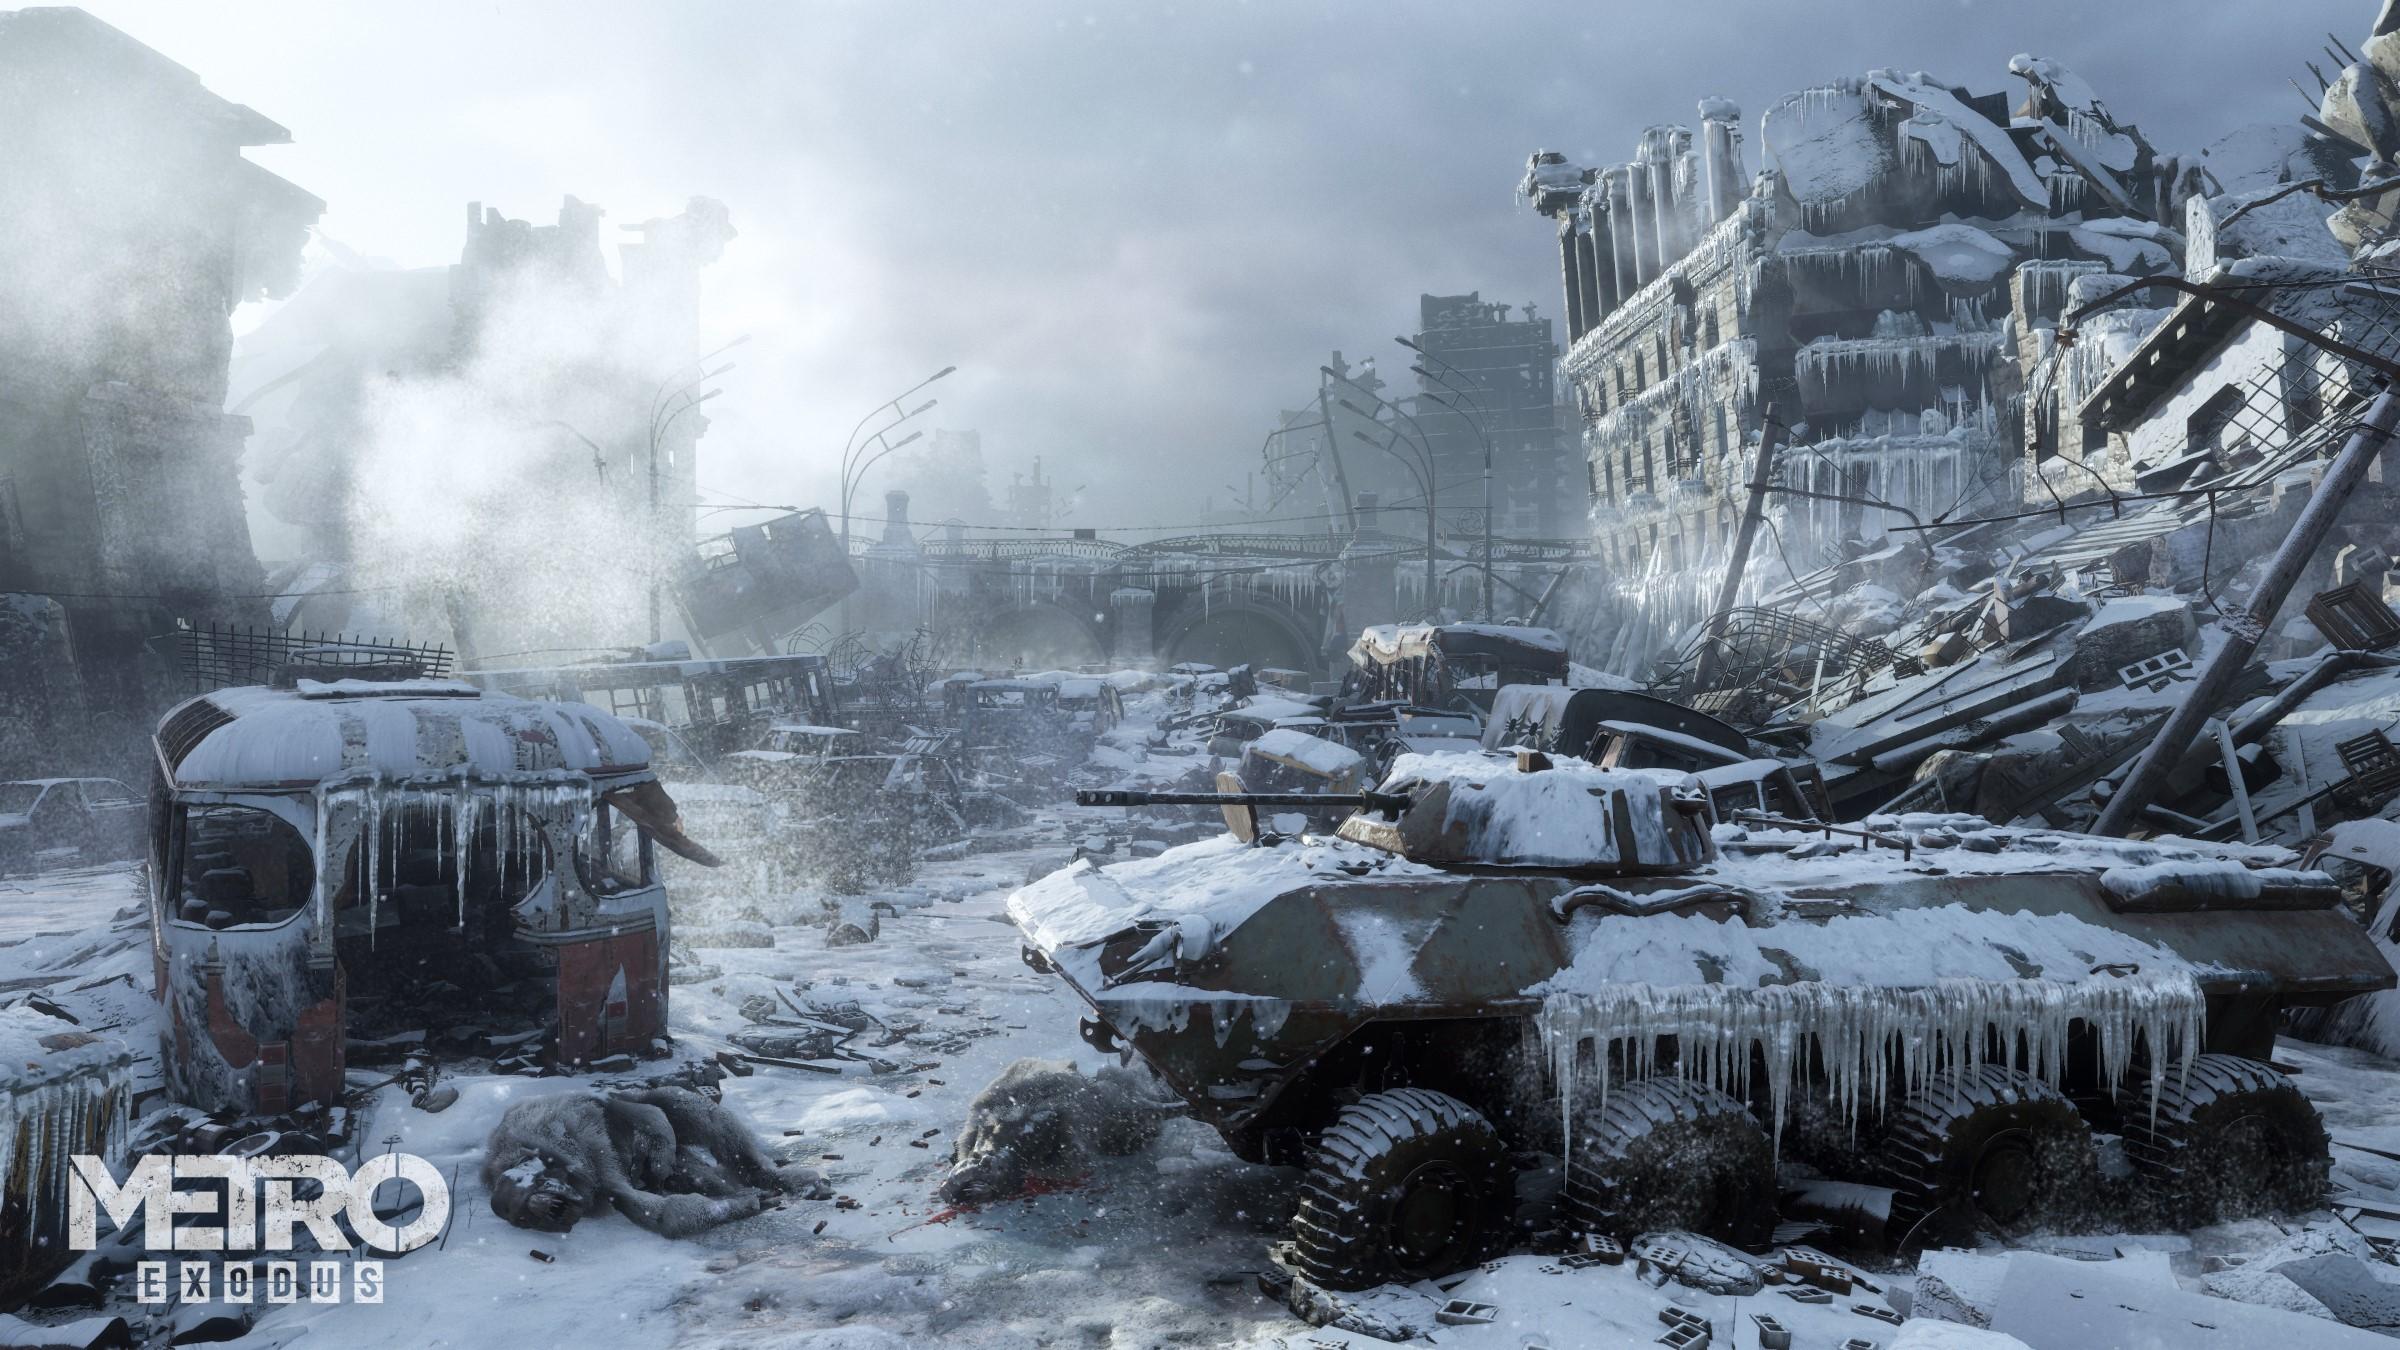 Metro-Exodus-4K-Announce-Screenshot-2-WATERMARK